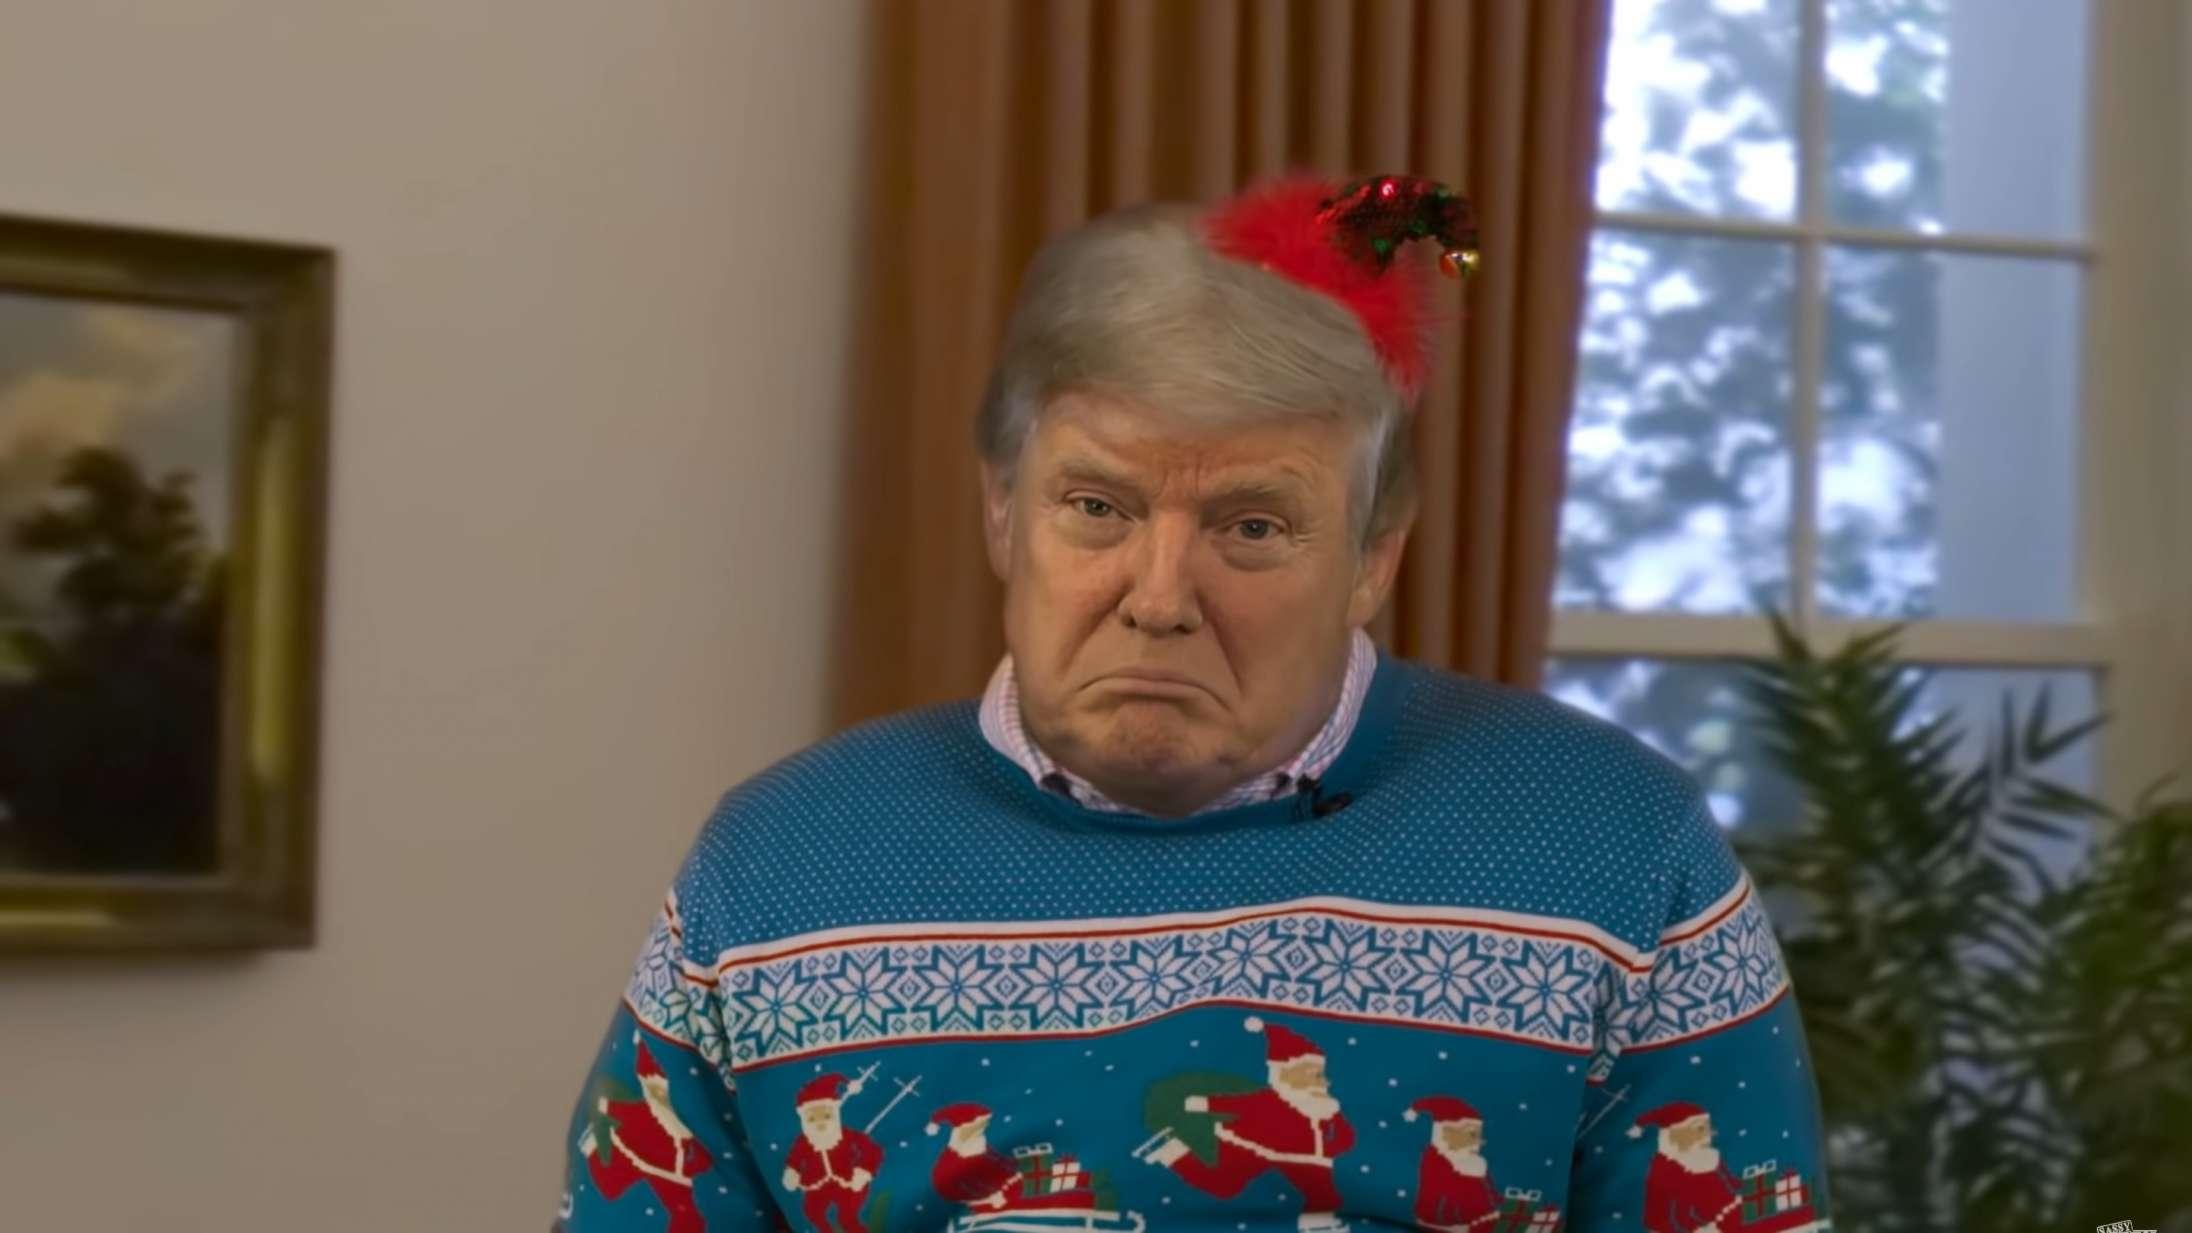 Falsk Donald Trump læser julehistorier højt i bizar video fra 'South Park'-skabere